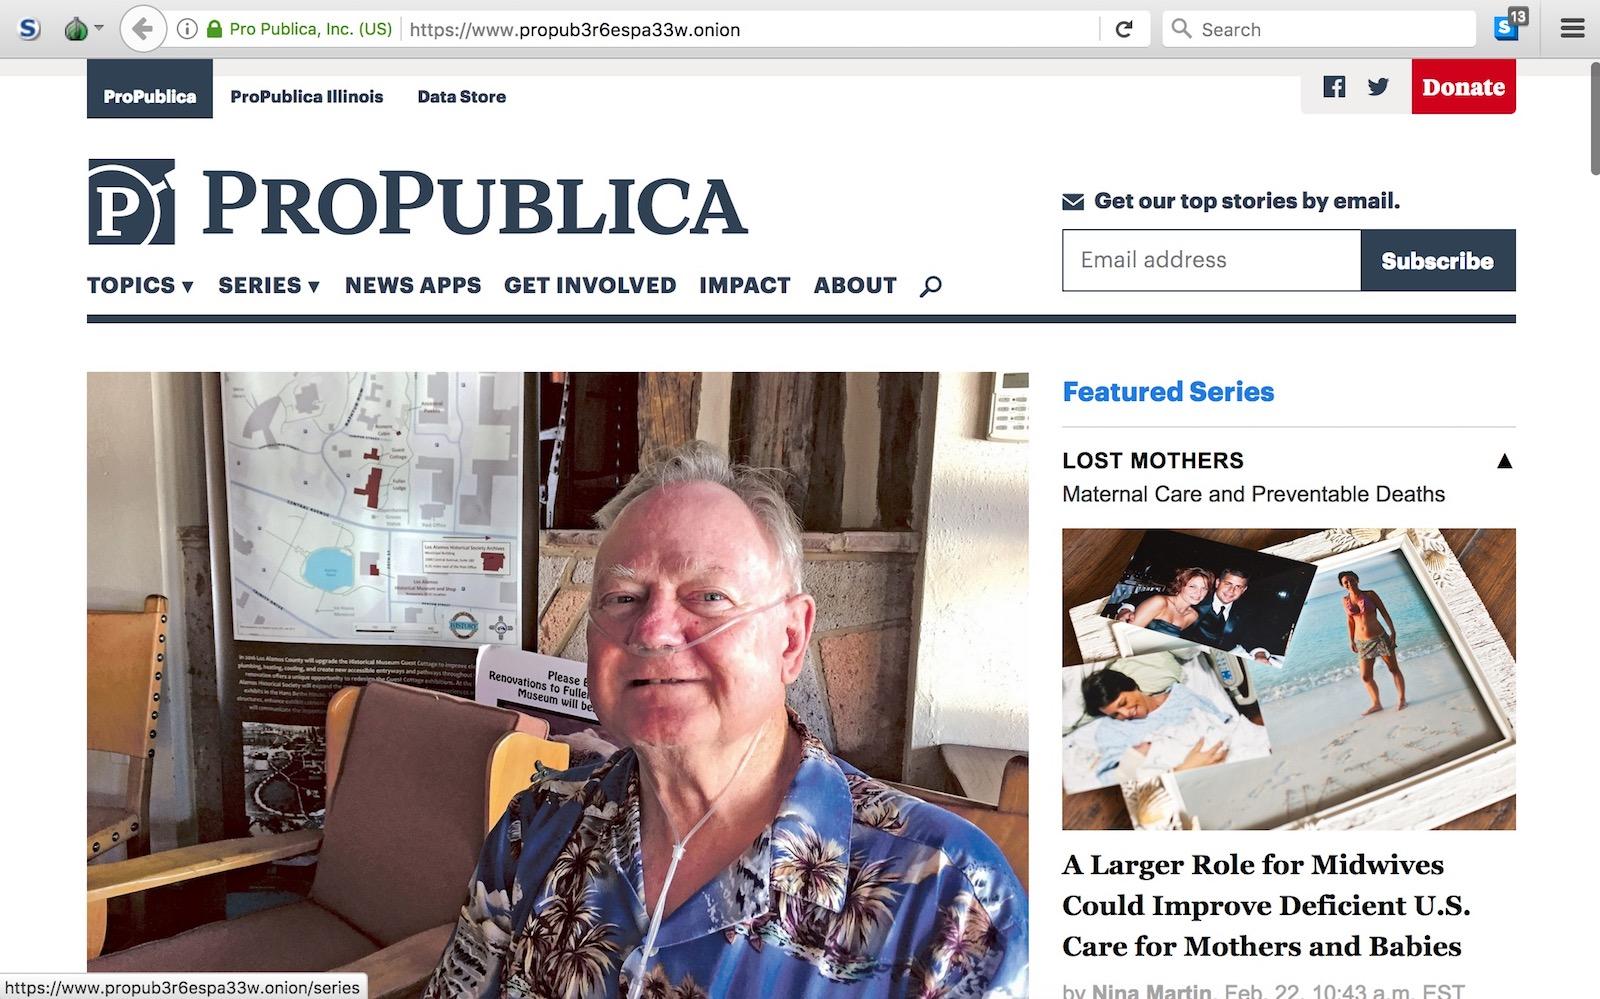 ProPublica .onion